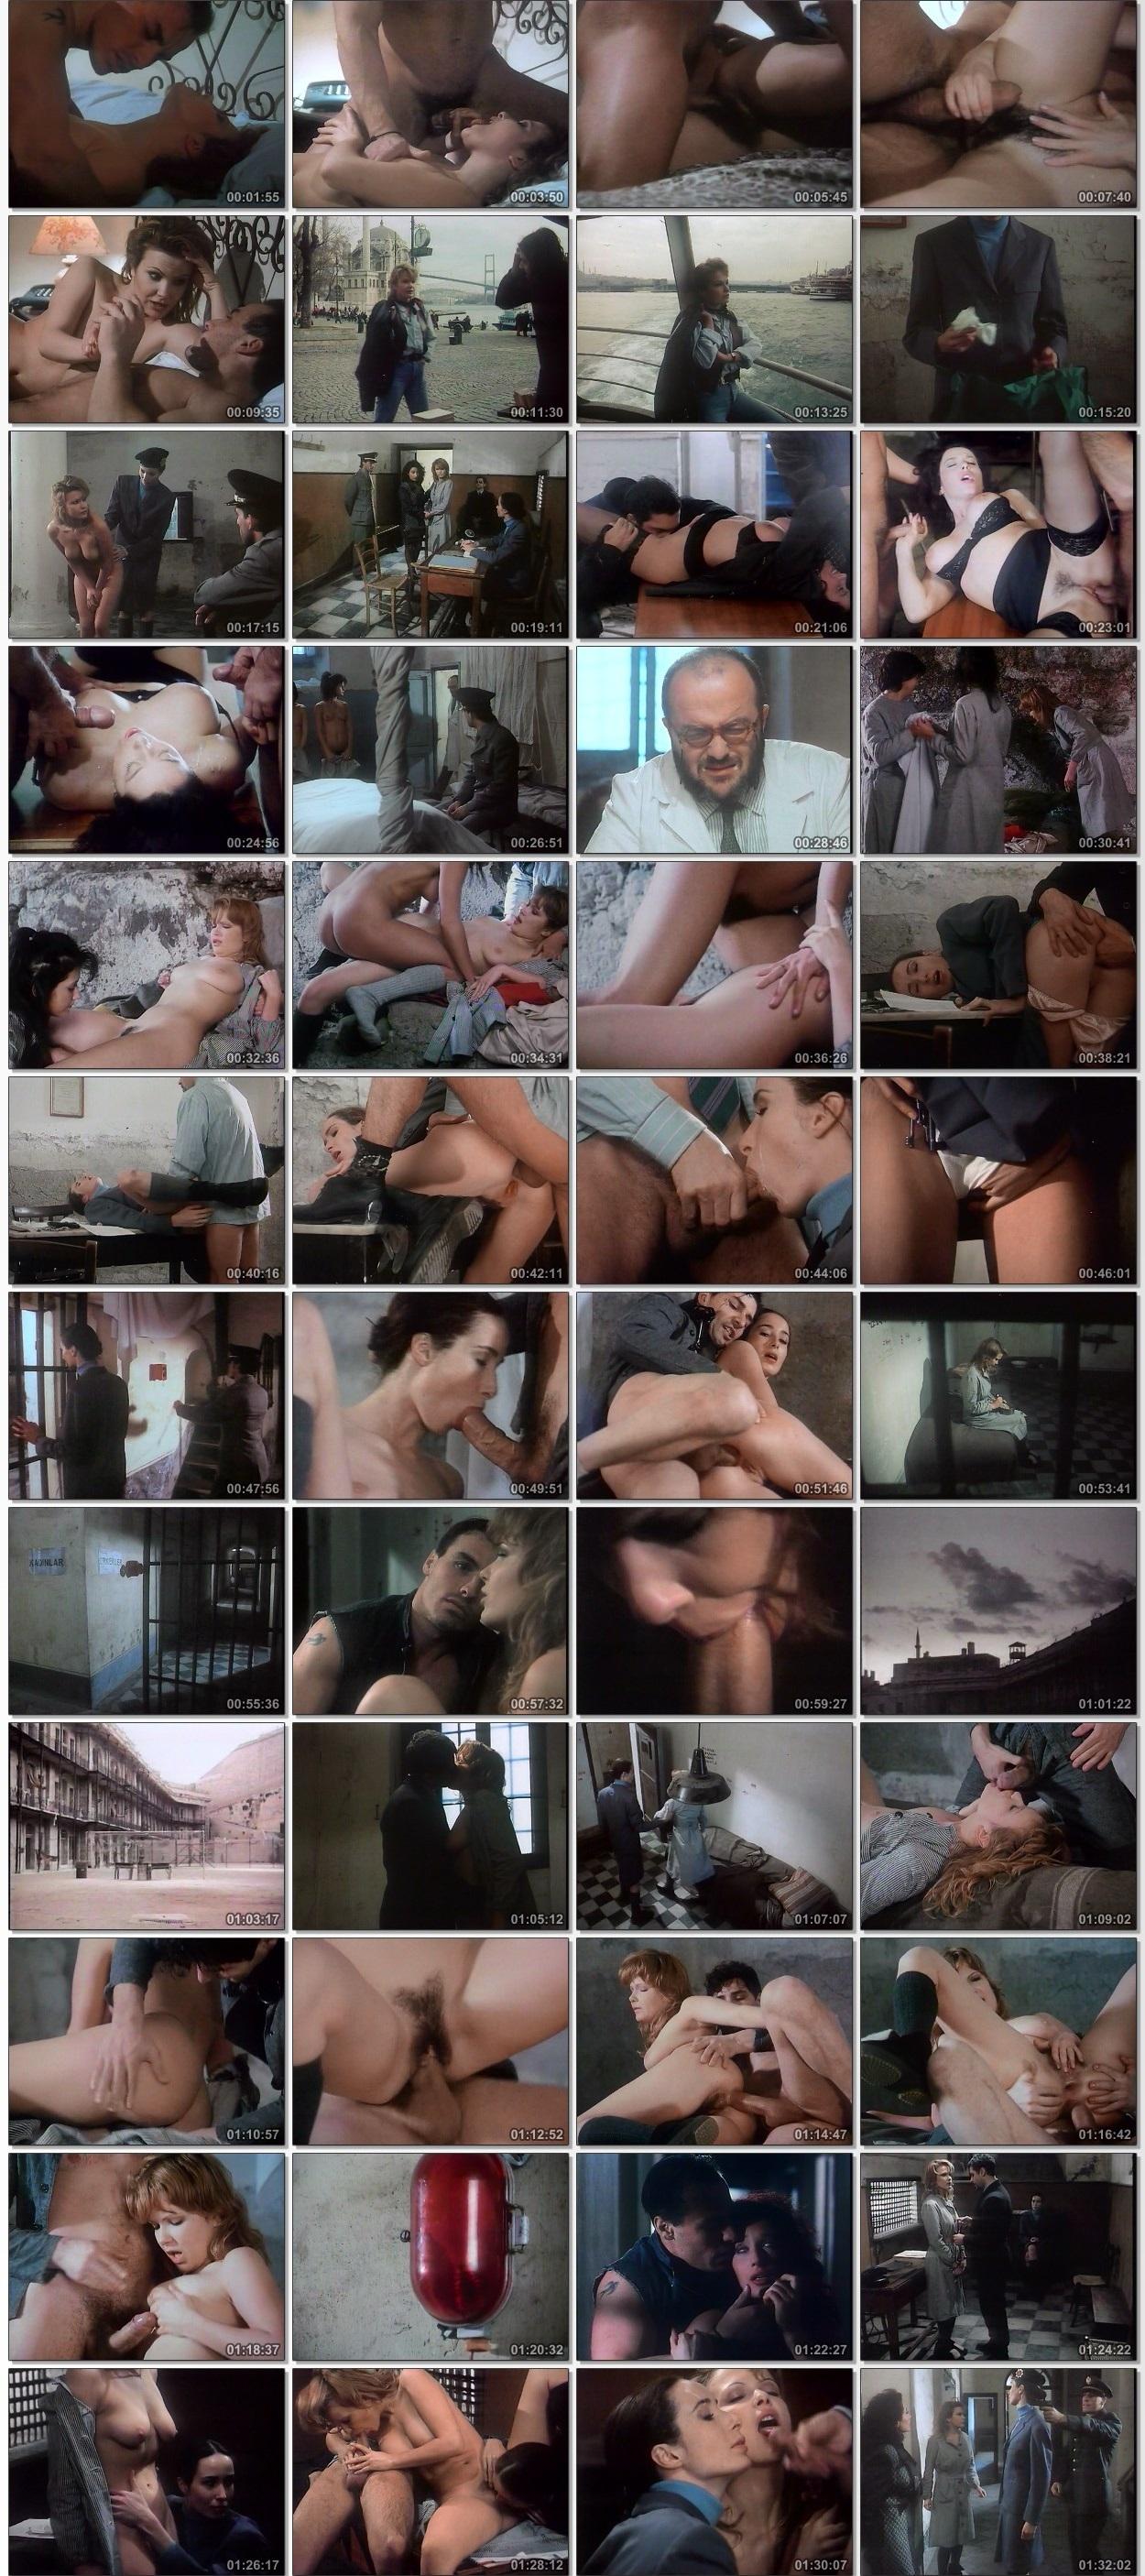 Тюрьма порно онлайн 14 фотография